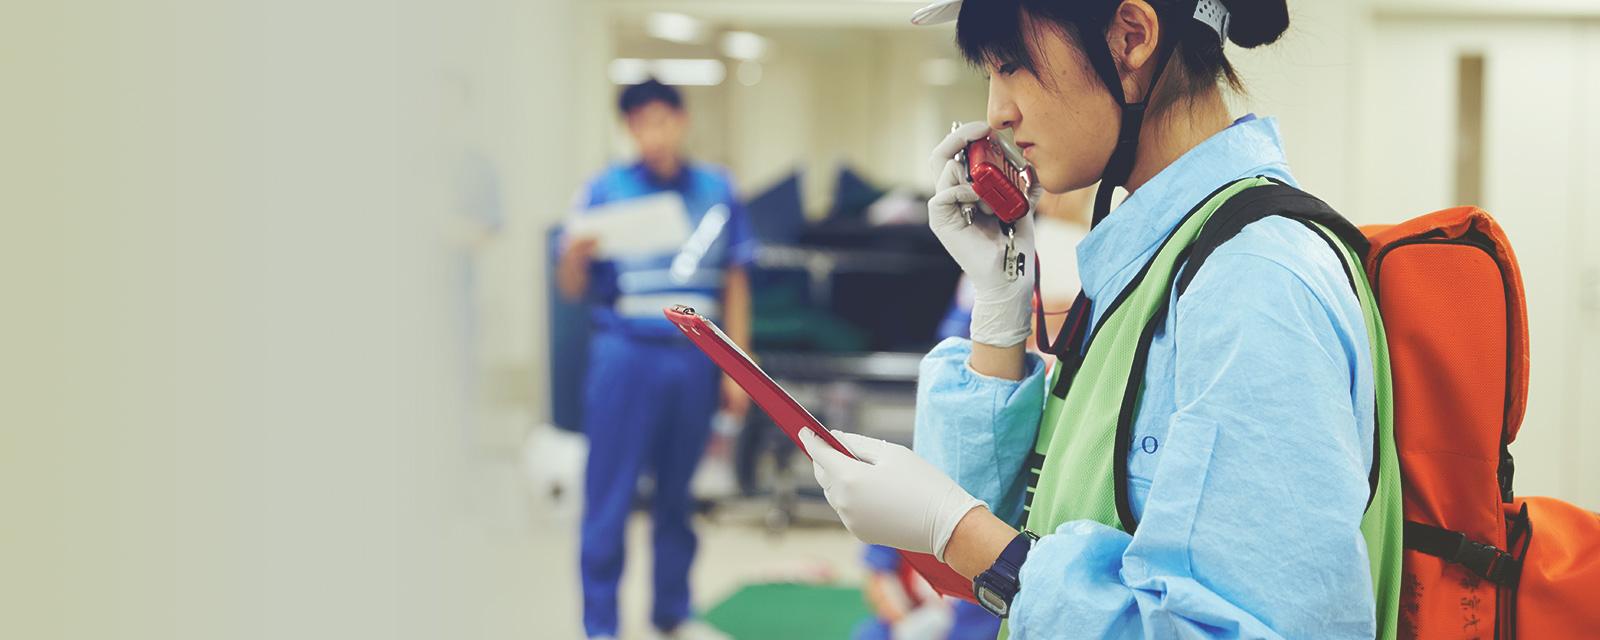 スポーツ医療学科 救急救命士コース